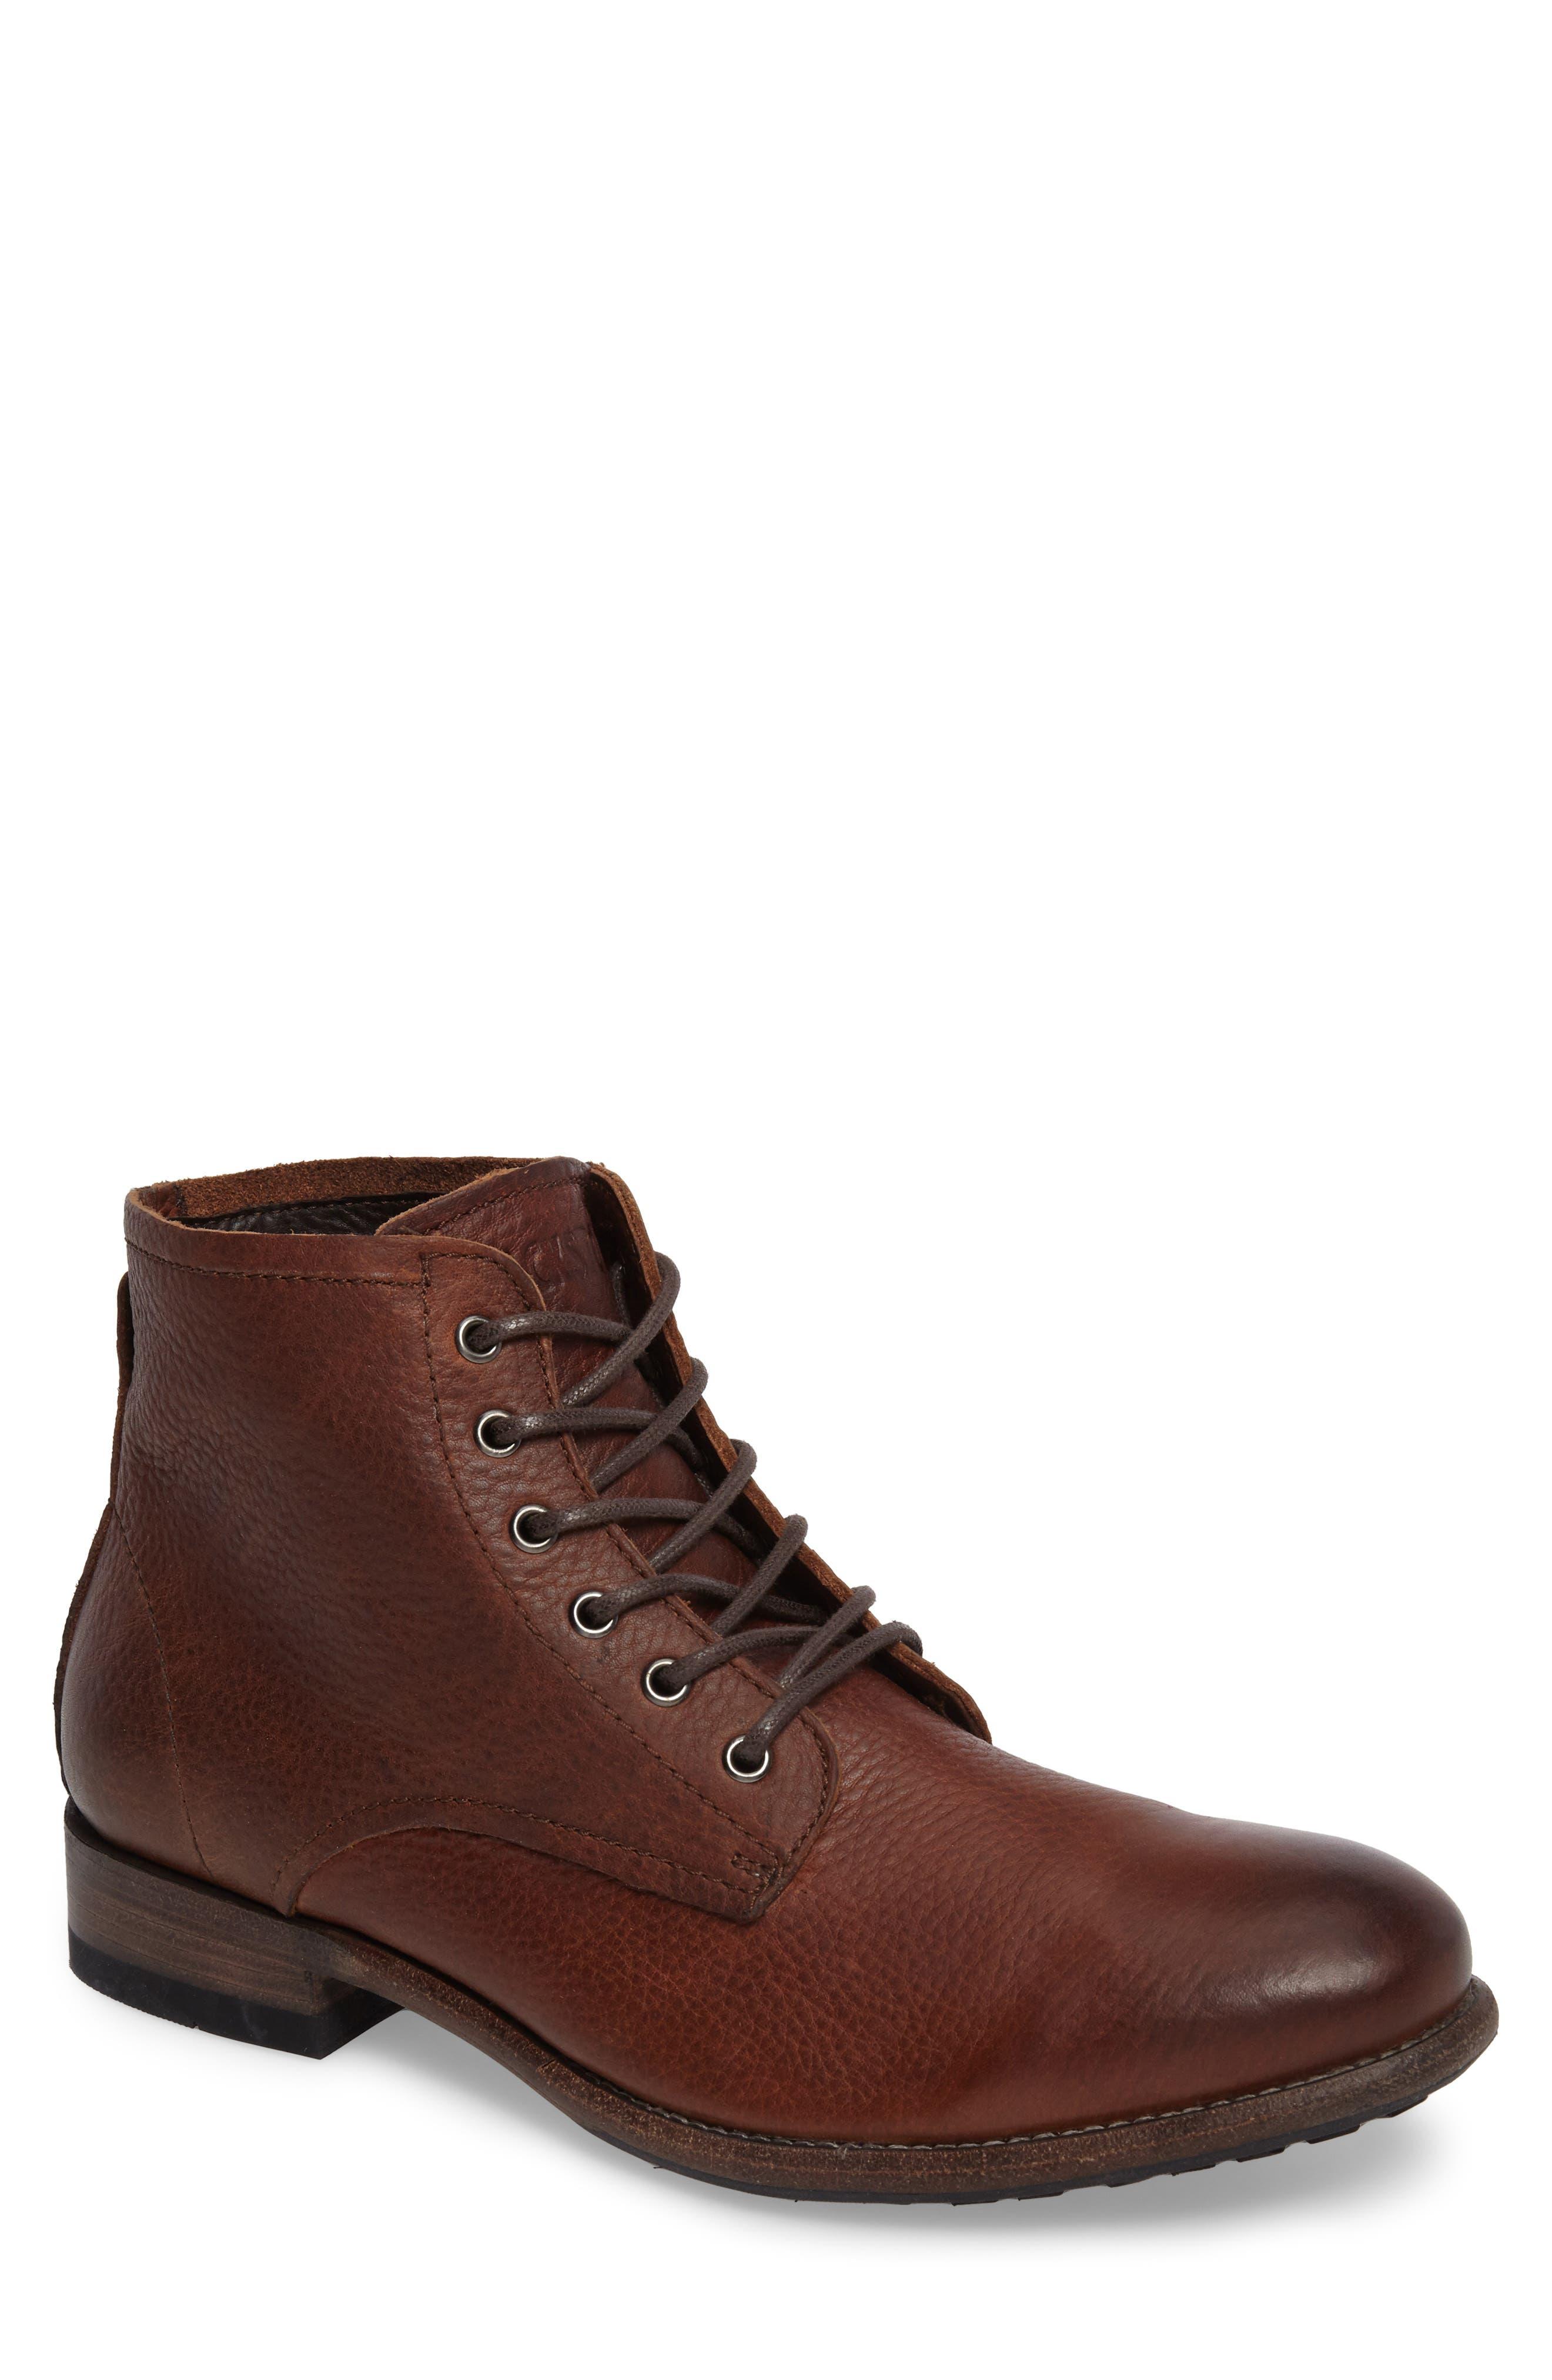 Main Image - Blackstone KM 21 Plain Toe Boot (Men)